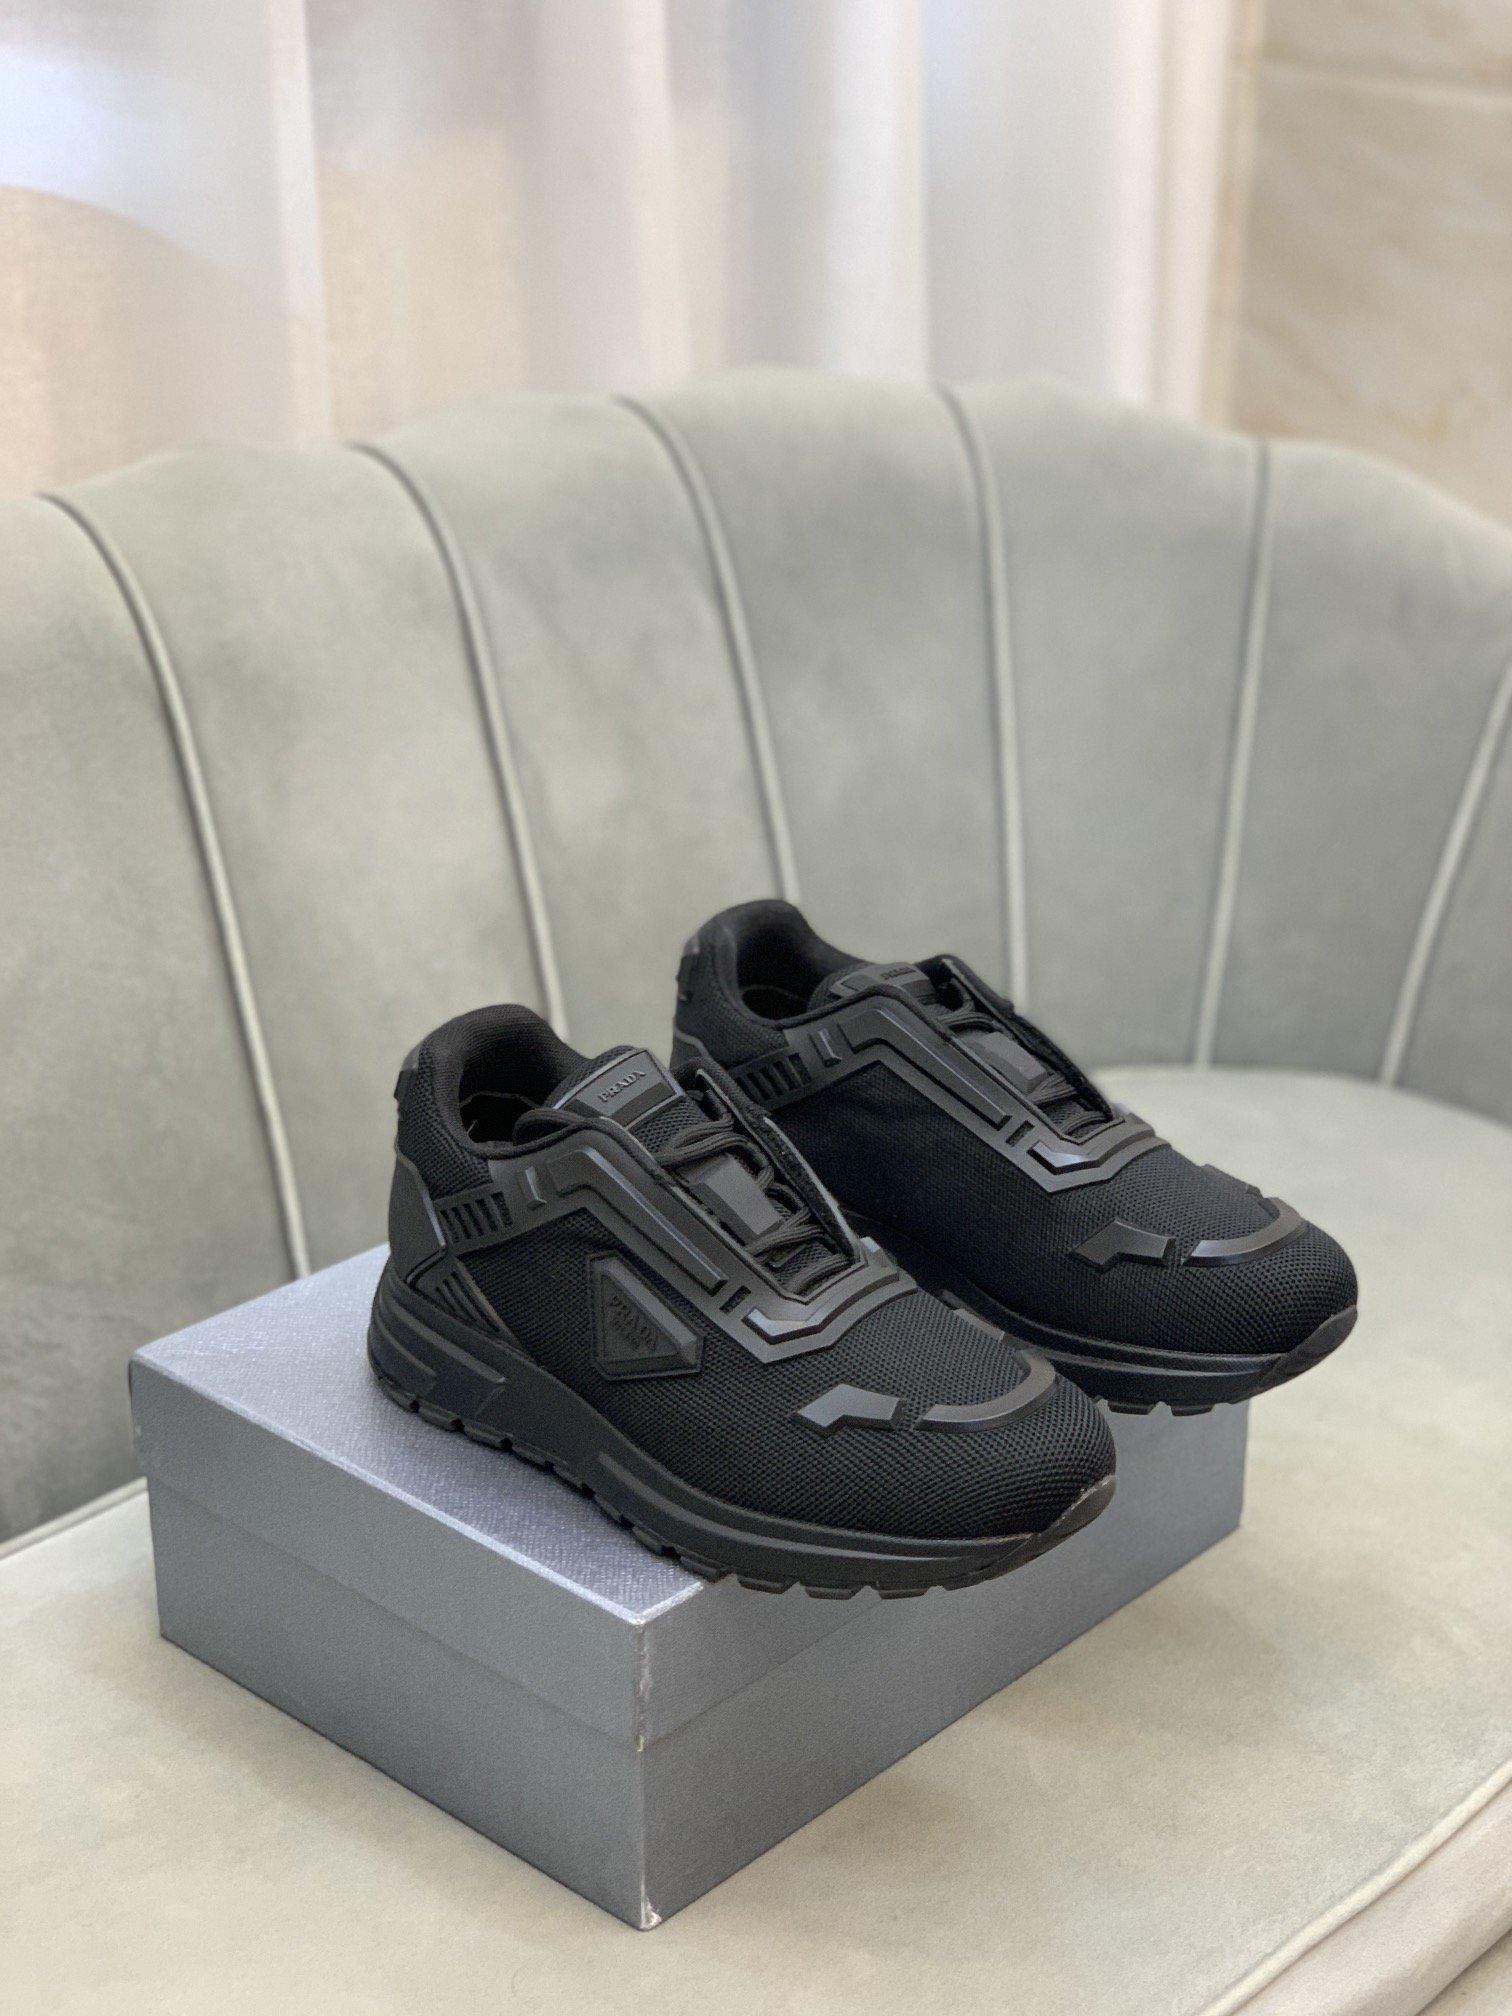 高端品质商品商标Prada*普拉*低